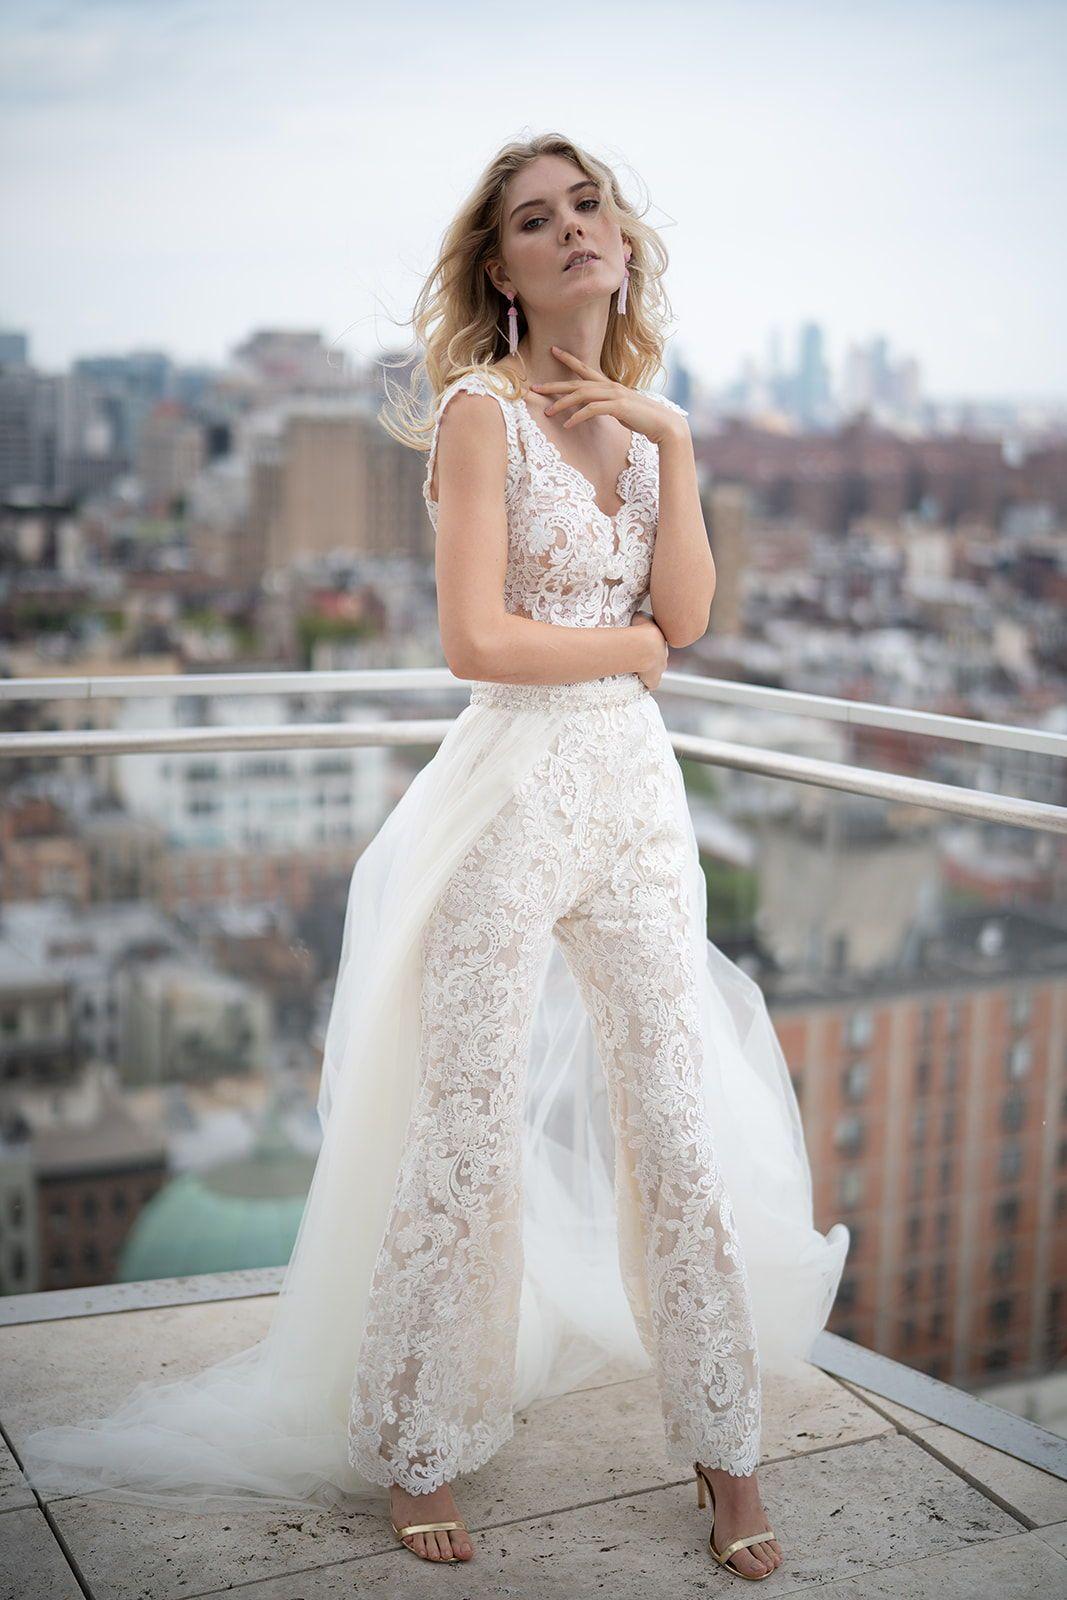 Pantsuit Bride Jumpsuit Wedding Dress